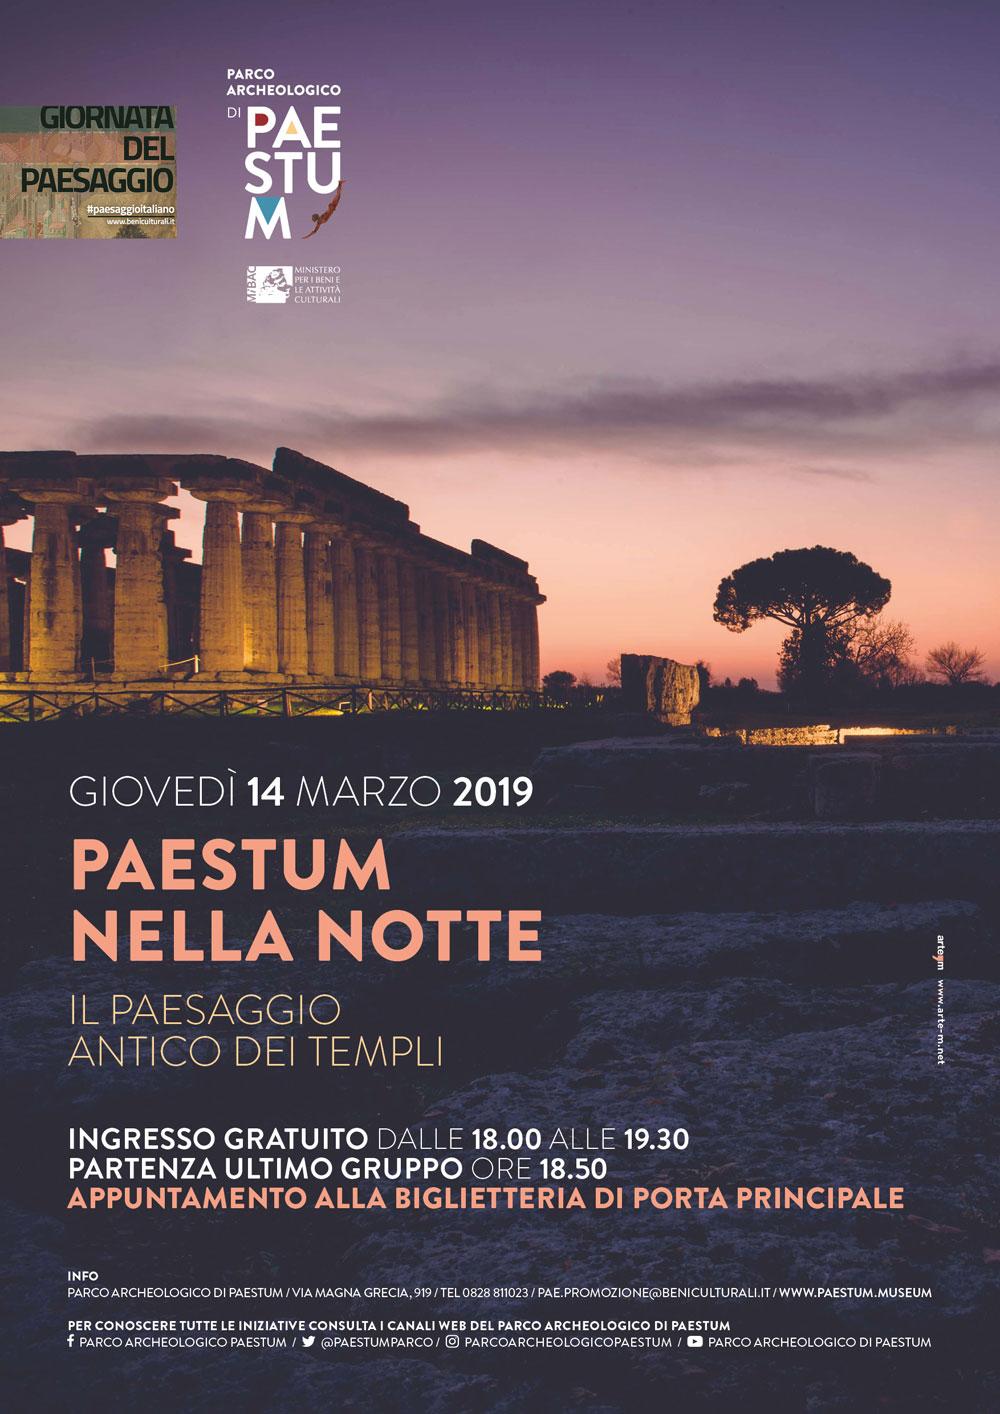 Paestum nella notte per la Giornata del Paesaggio